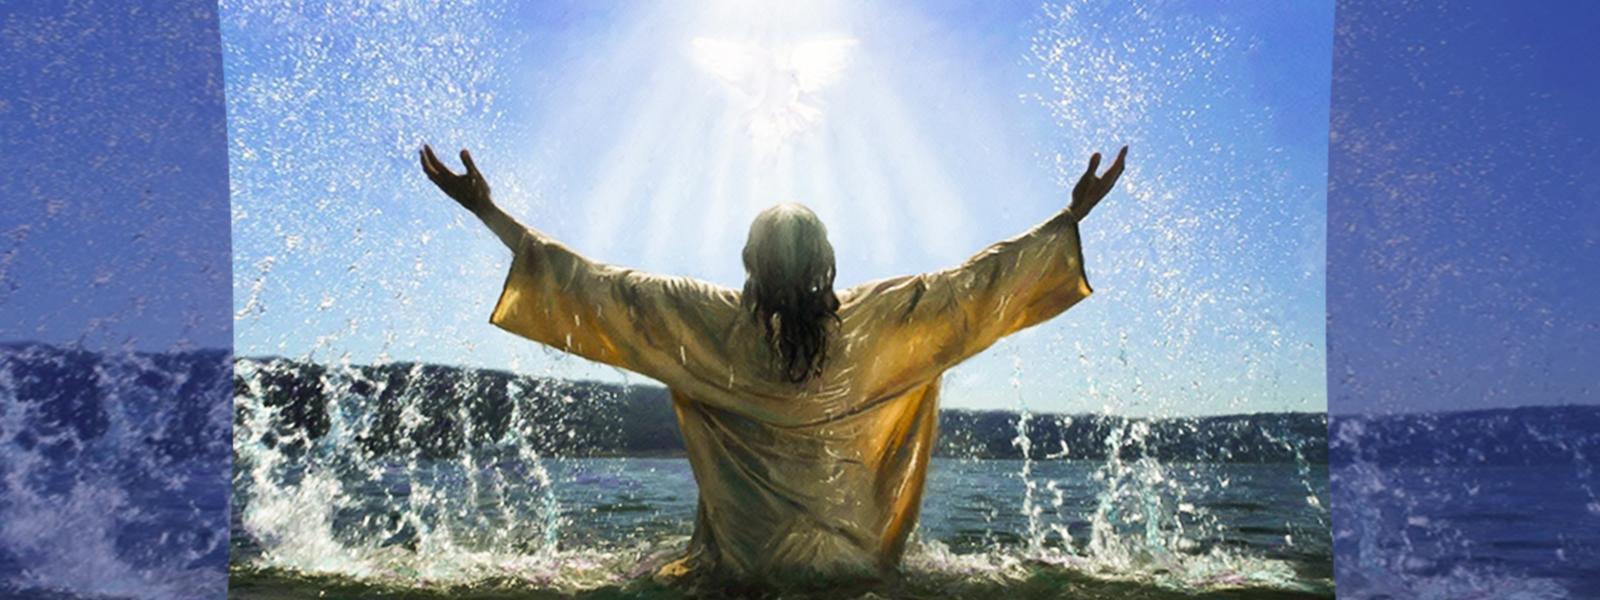 bautizarme